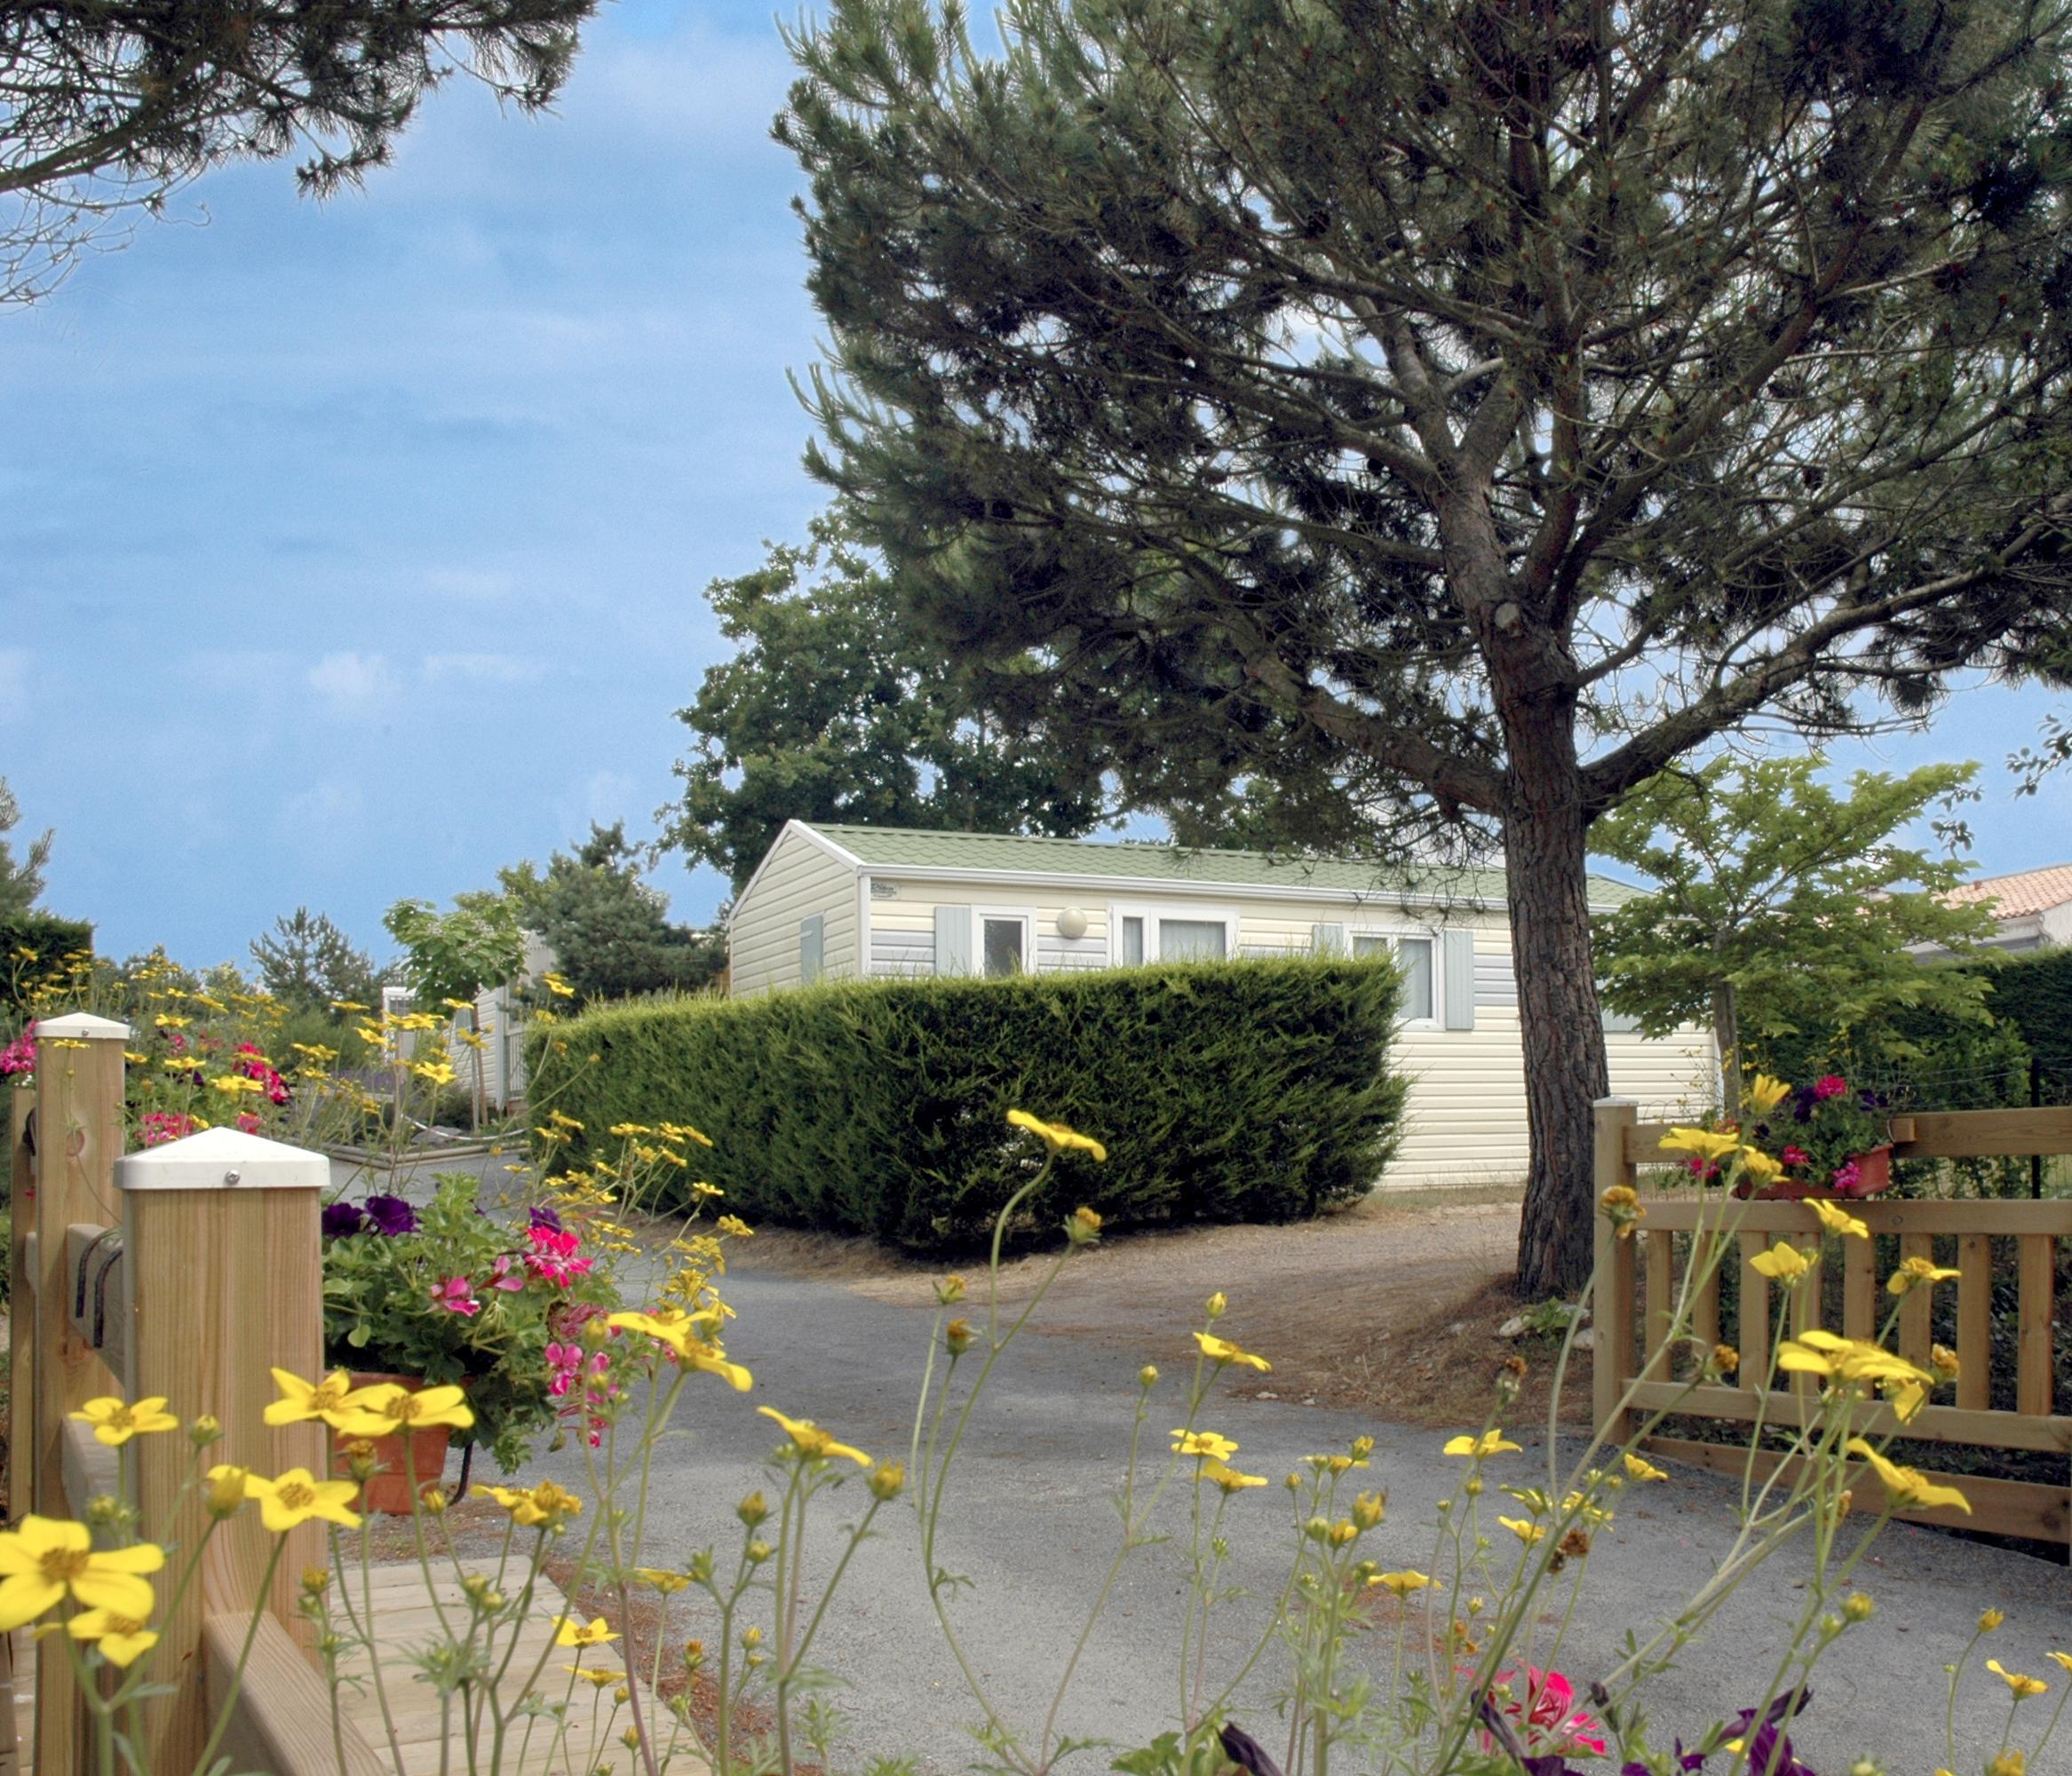 Séjournez en location mobil-homes au Camping L'EDEN 3 étoiles pour des vacances optimisées